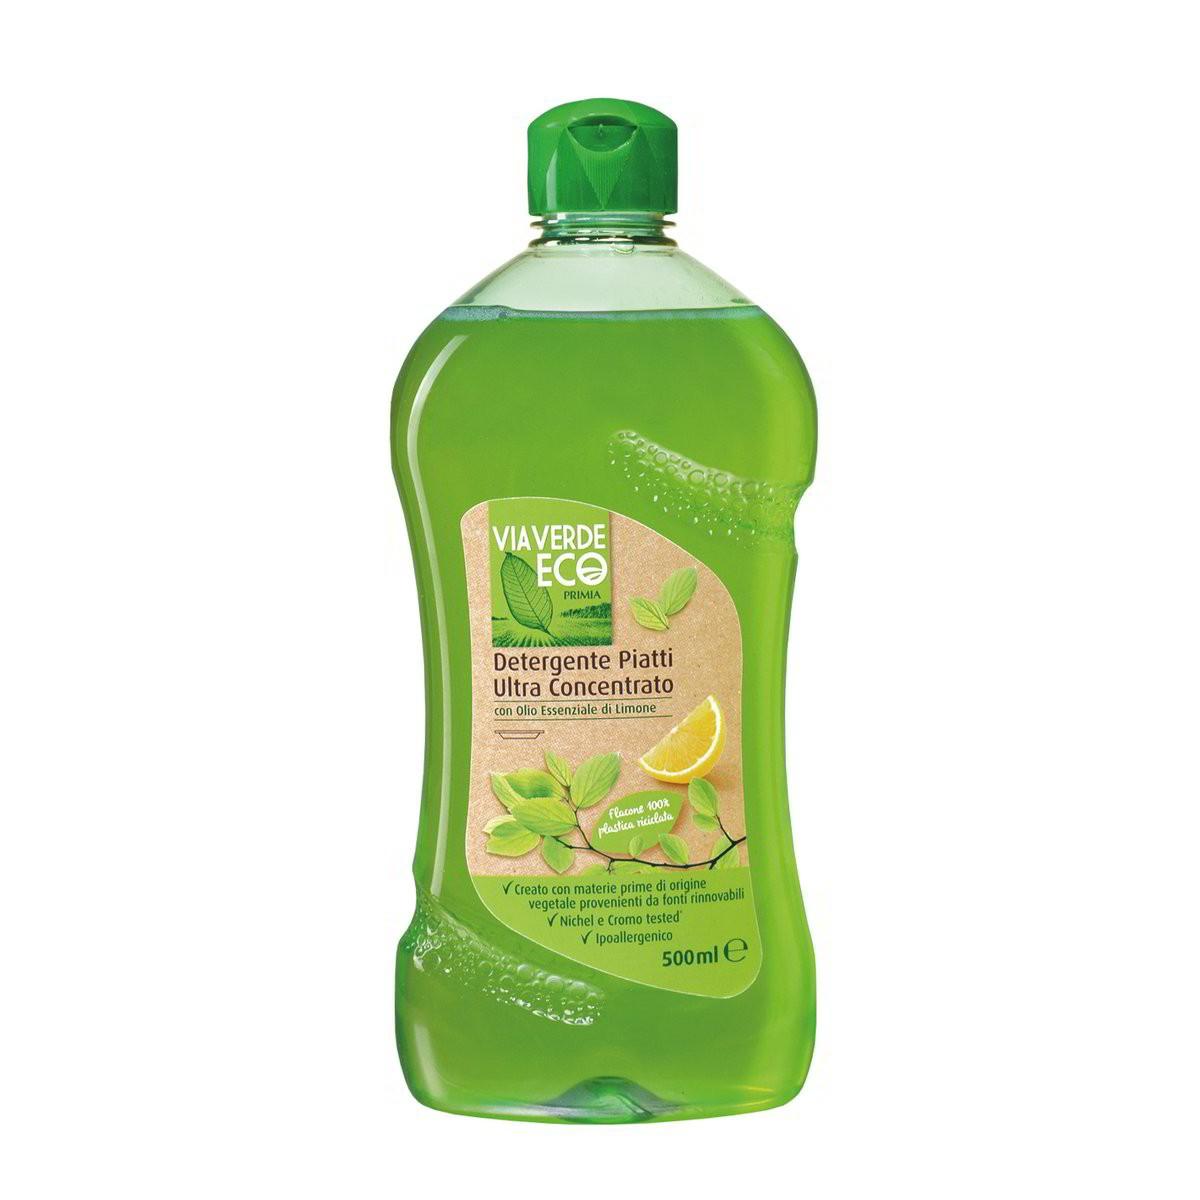 Primia Detergente piatti Via Verde Eco